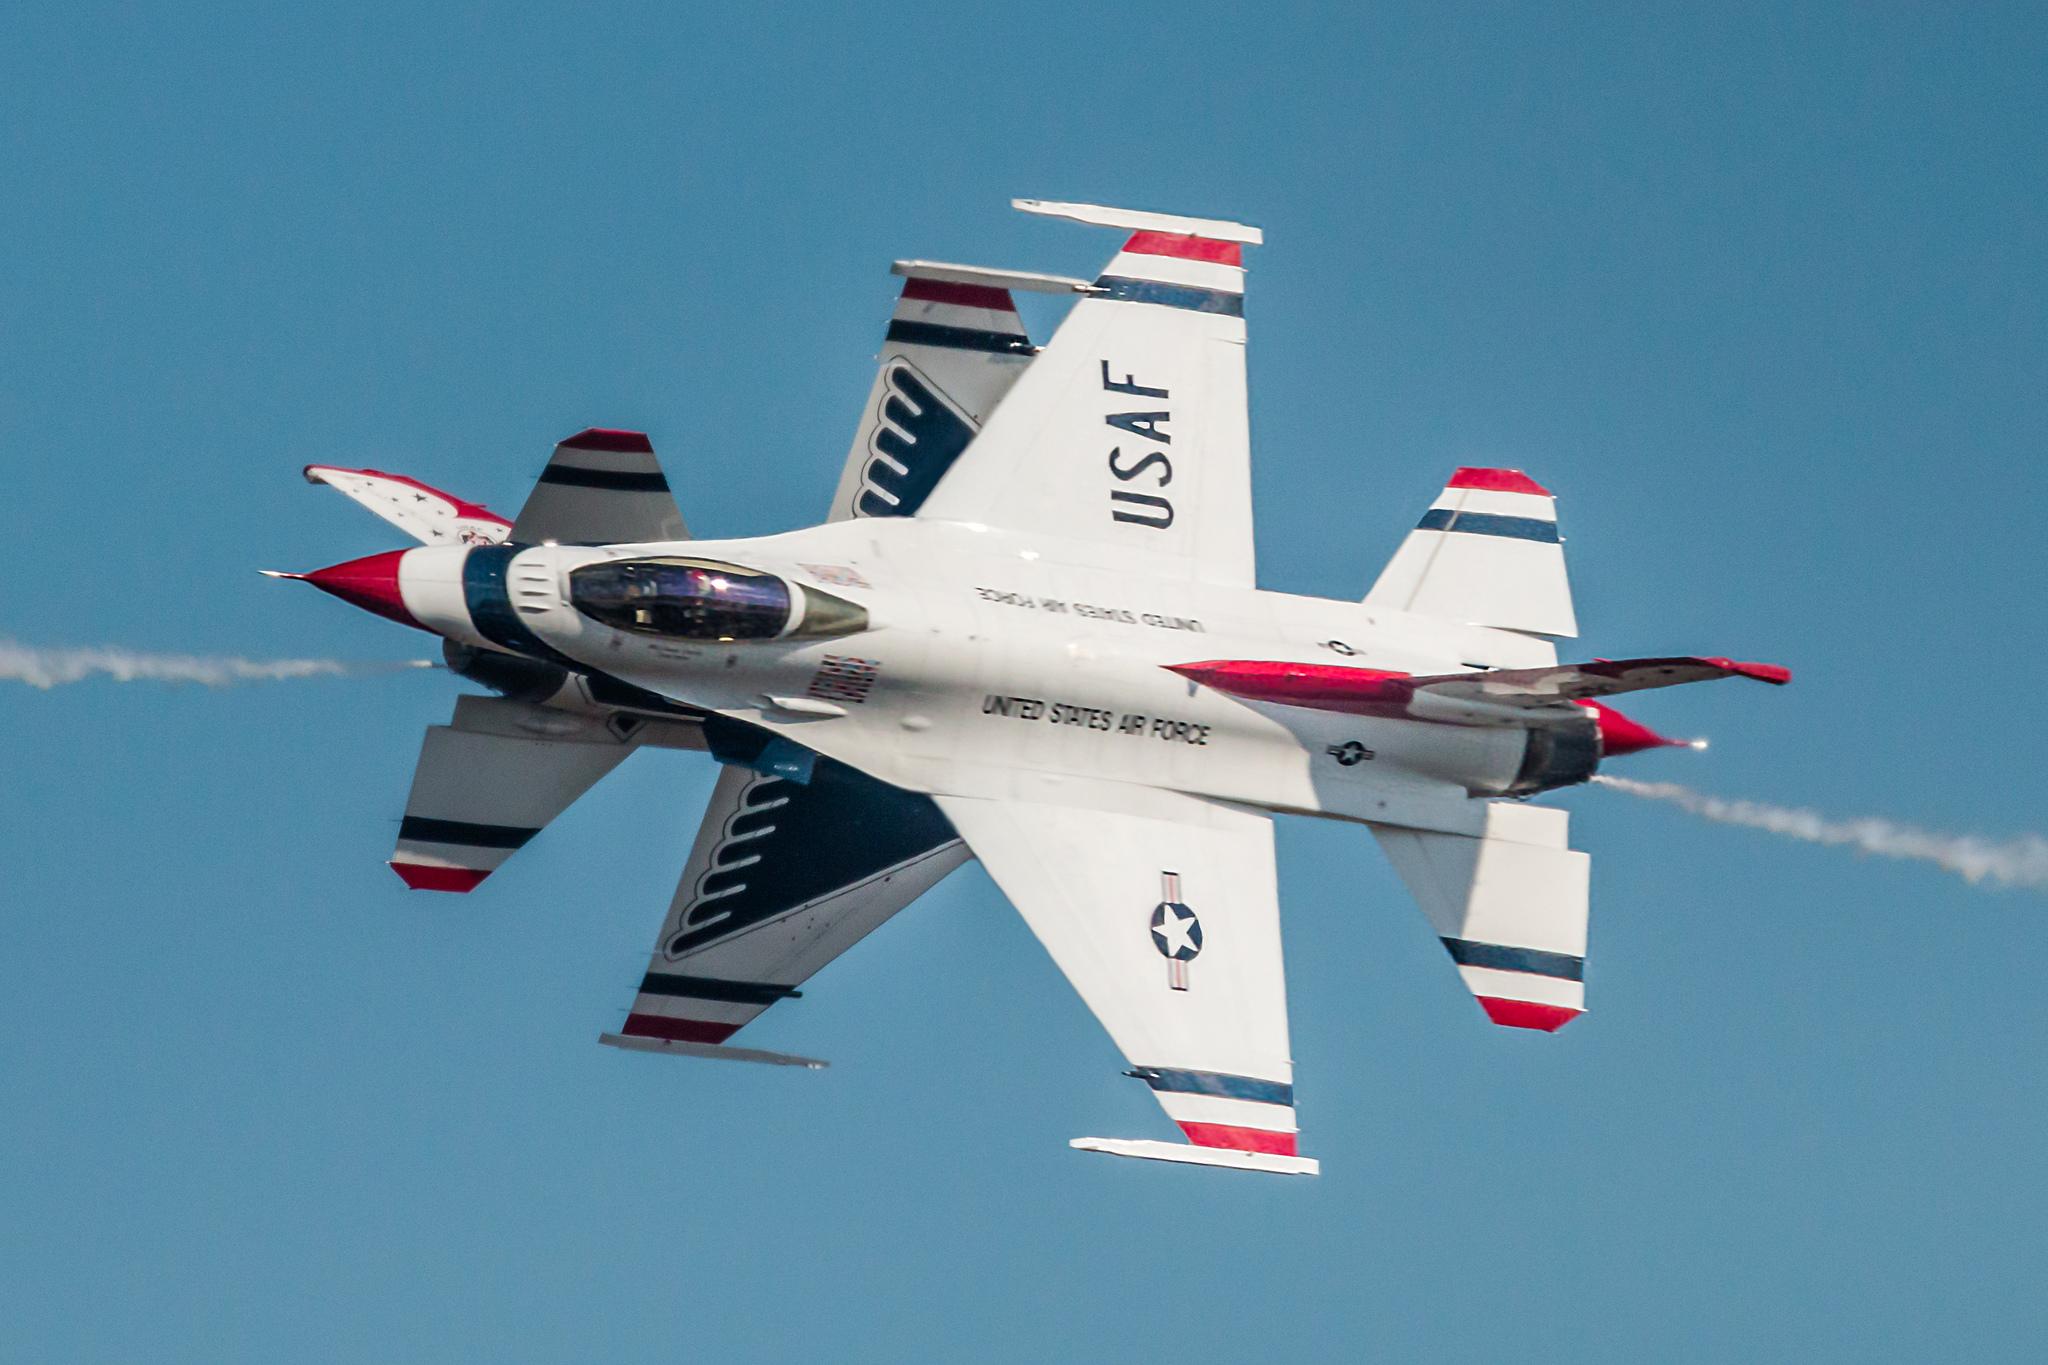 Aviones de exhibición - 2048x1365